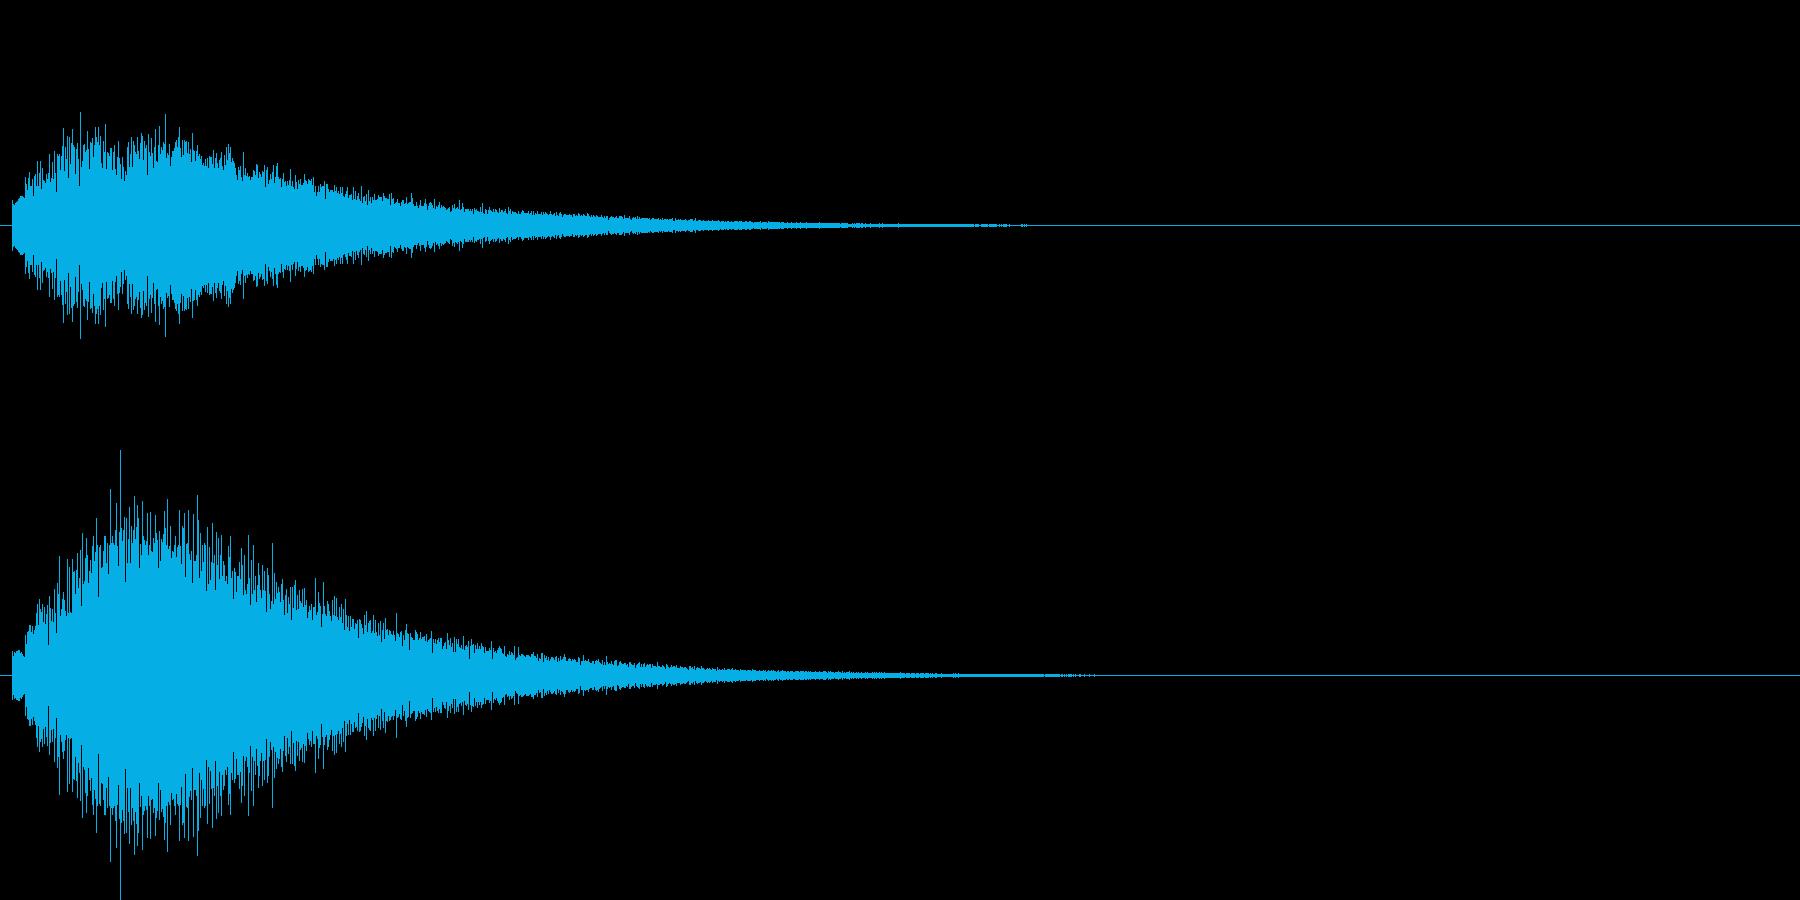 グリッサンド01 グロッケン(上昇)の再生済みの波形